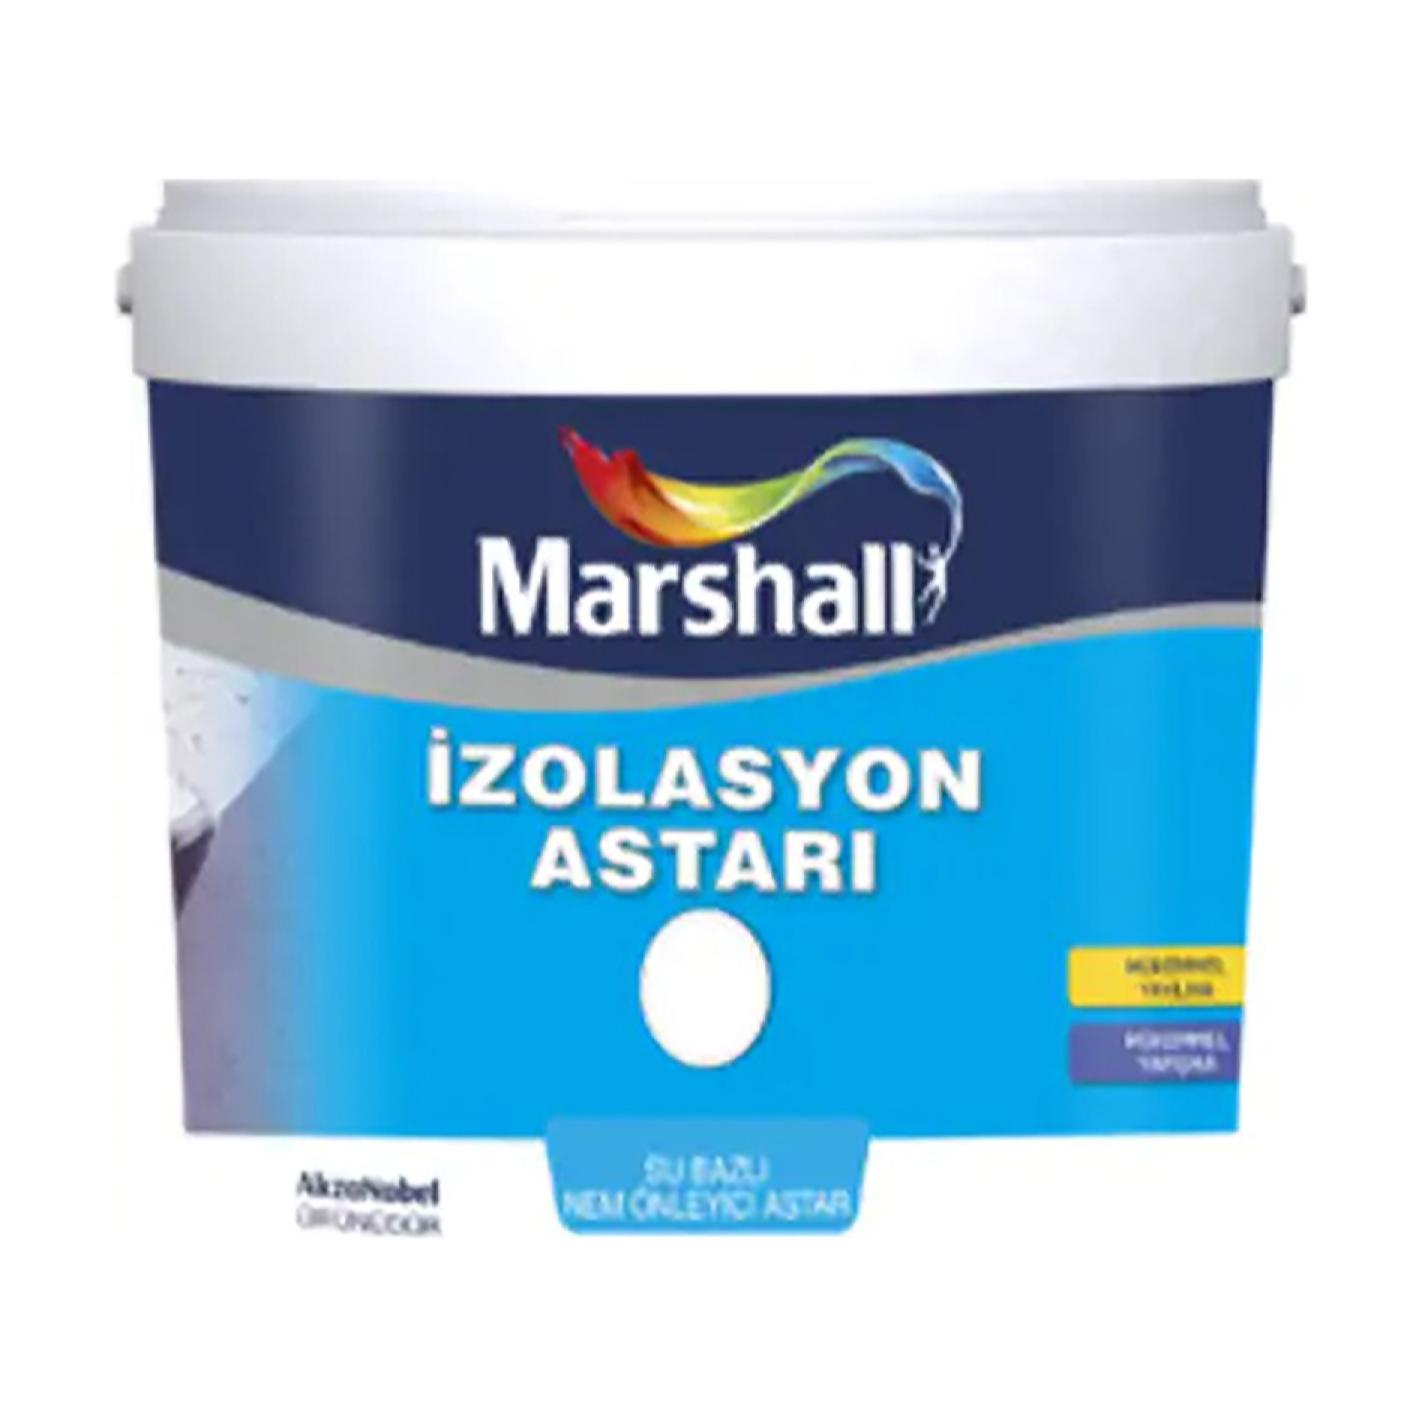 Marshall İzolasyon Astarı 7.5Lt